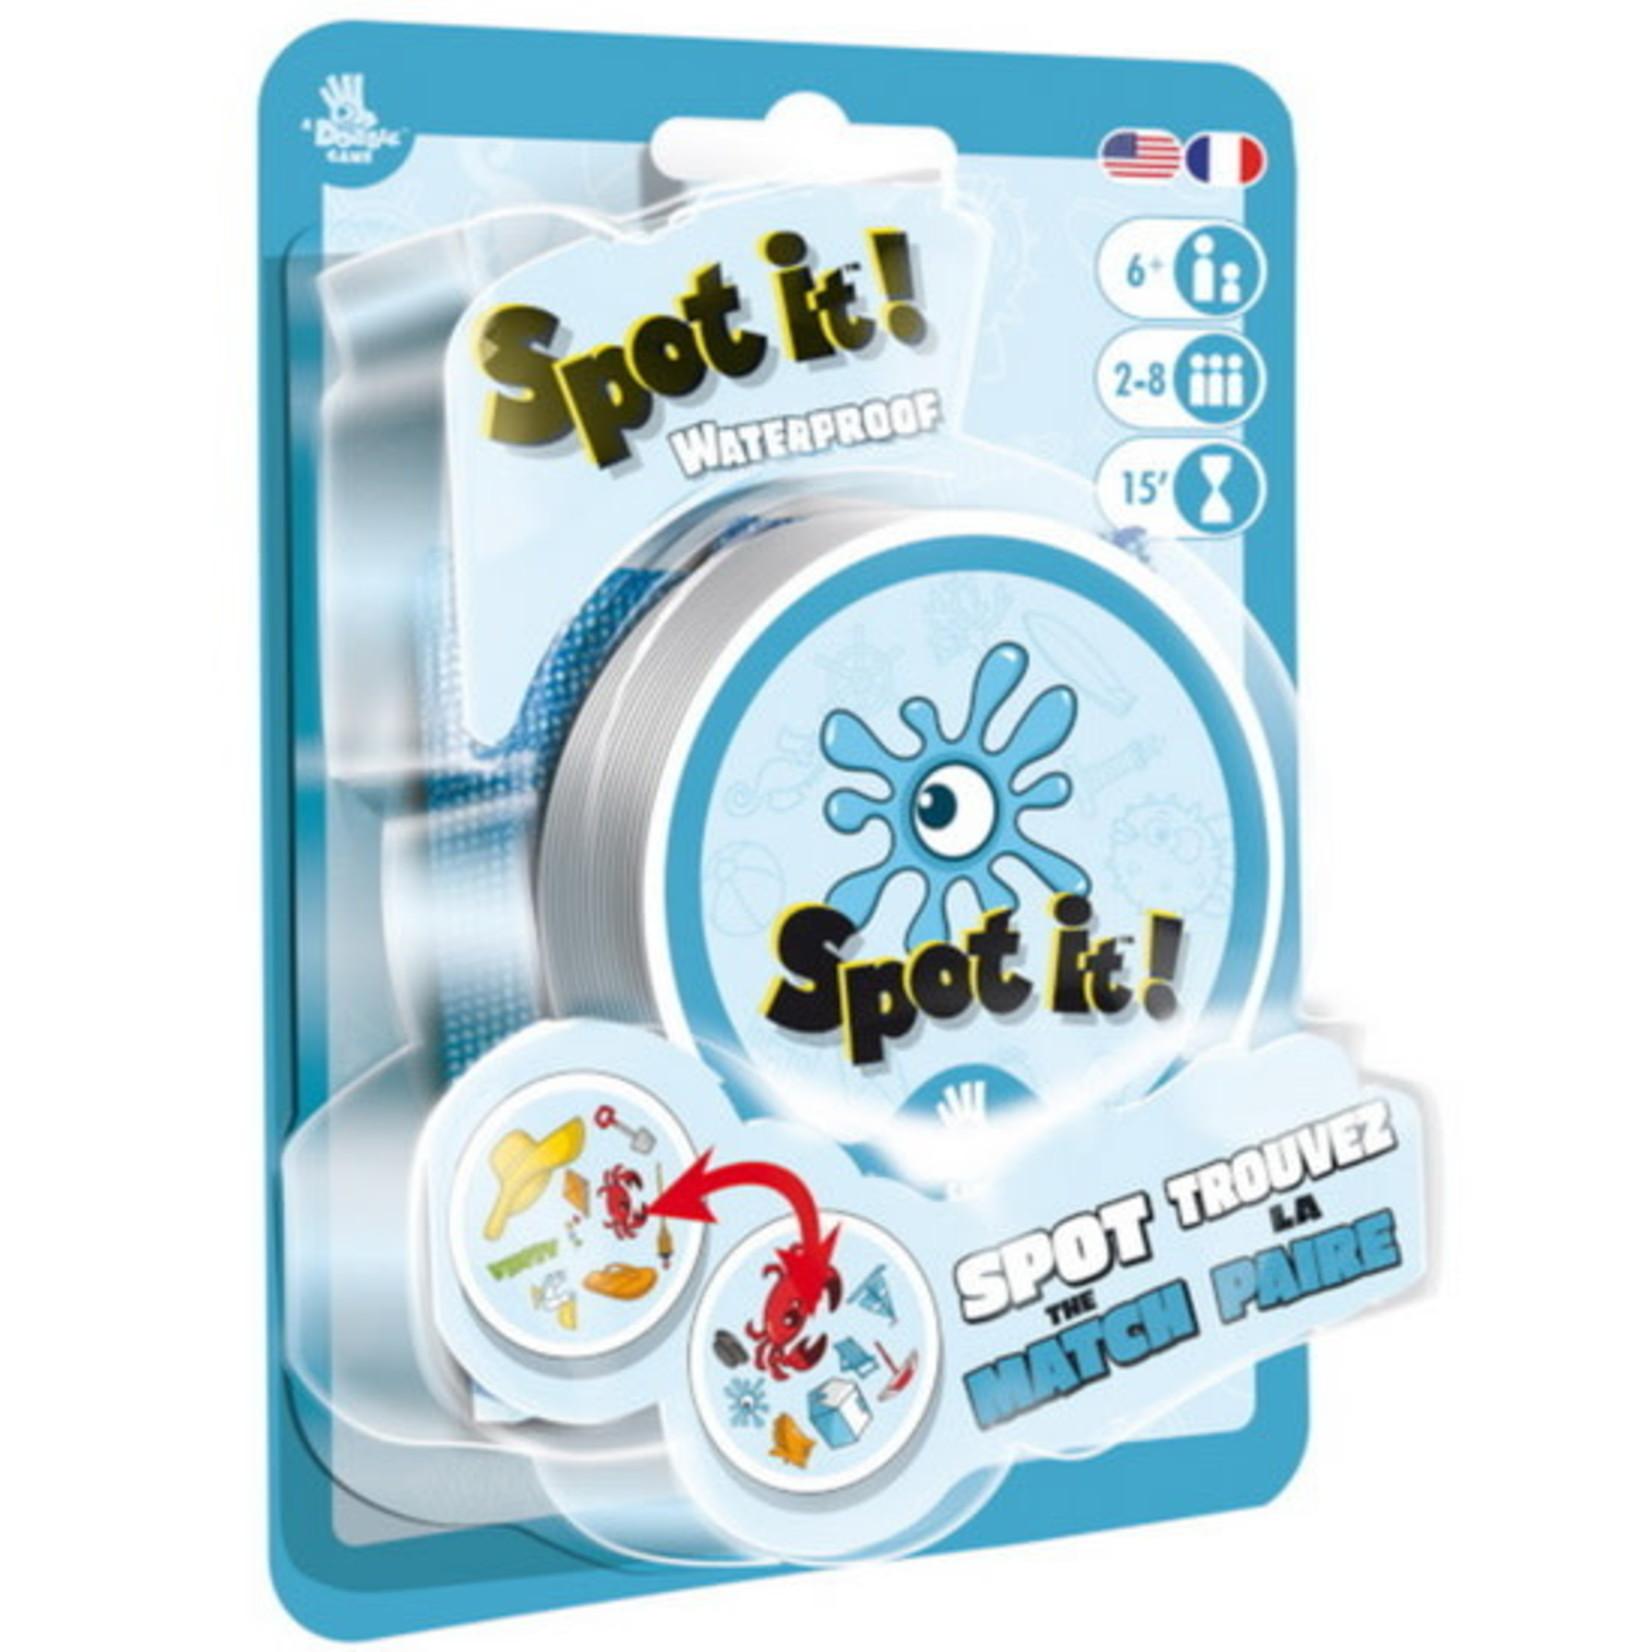 Spot it / Dobble : Waterproof (Multilingual)